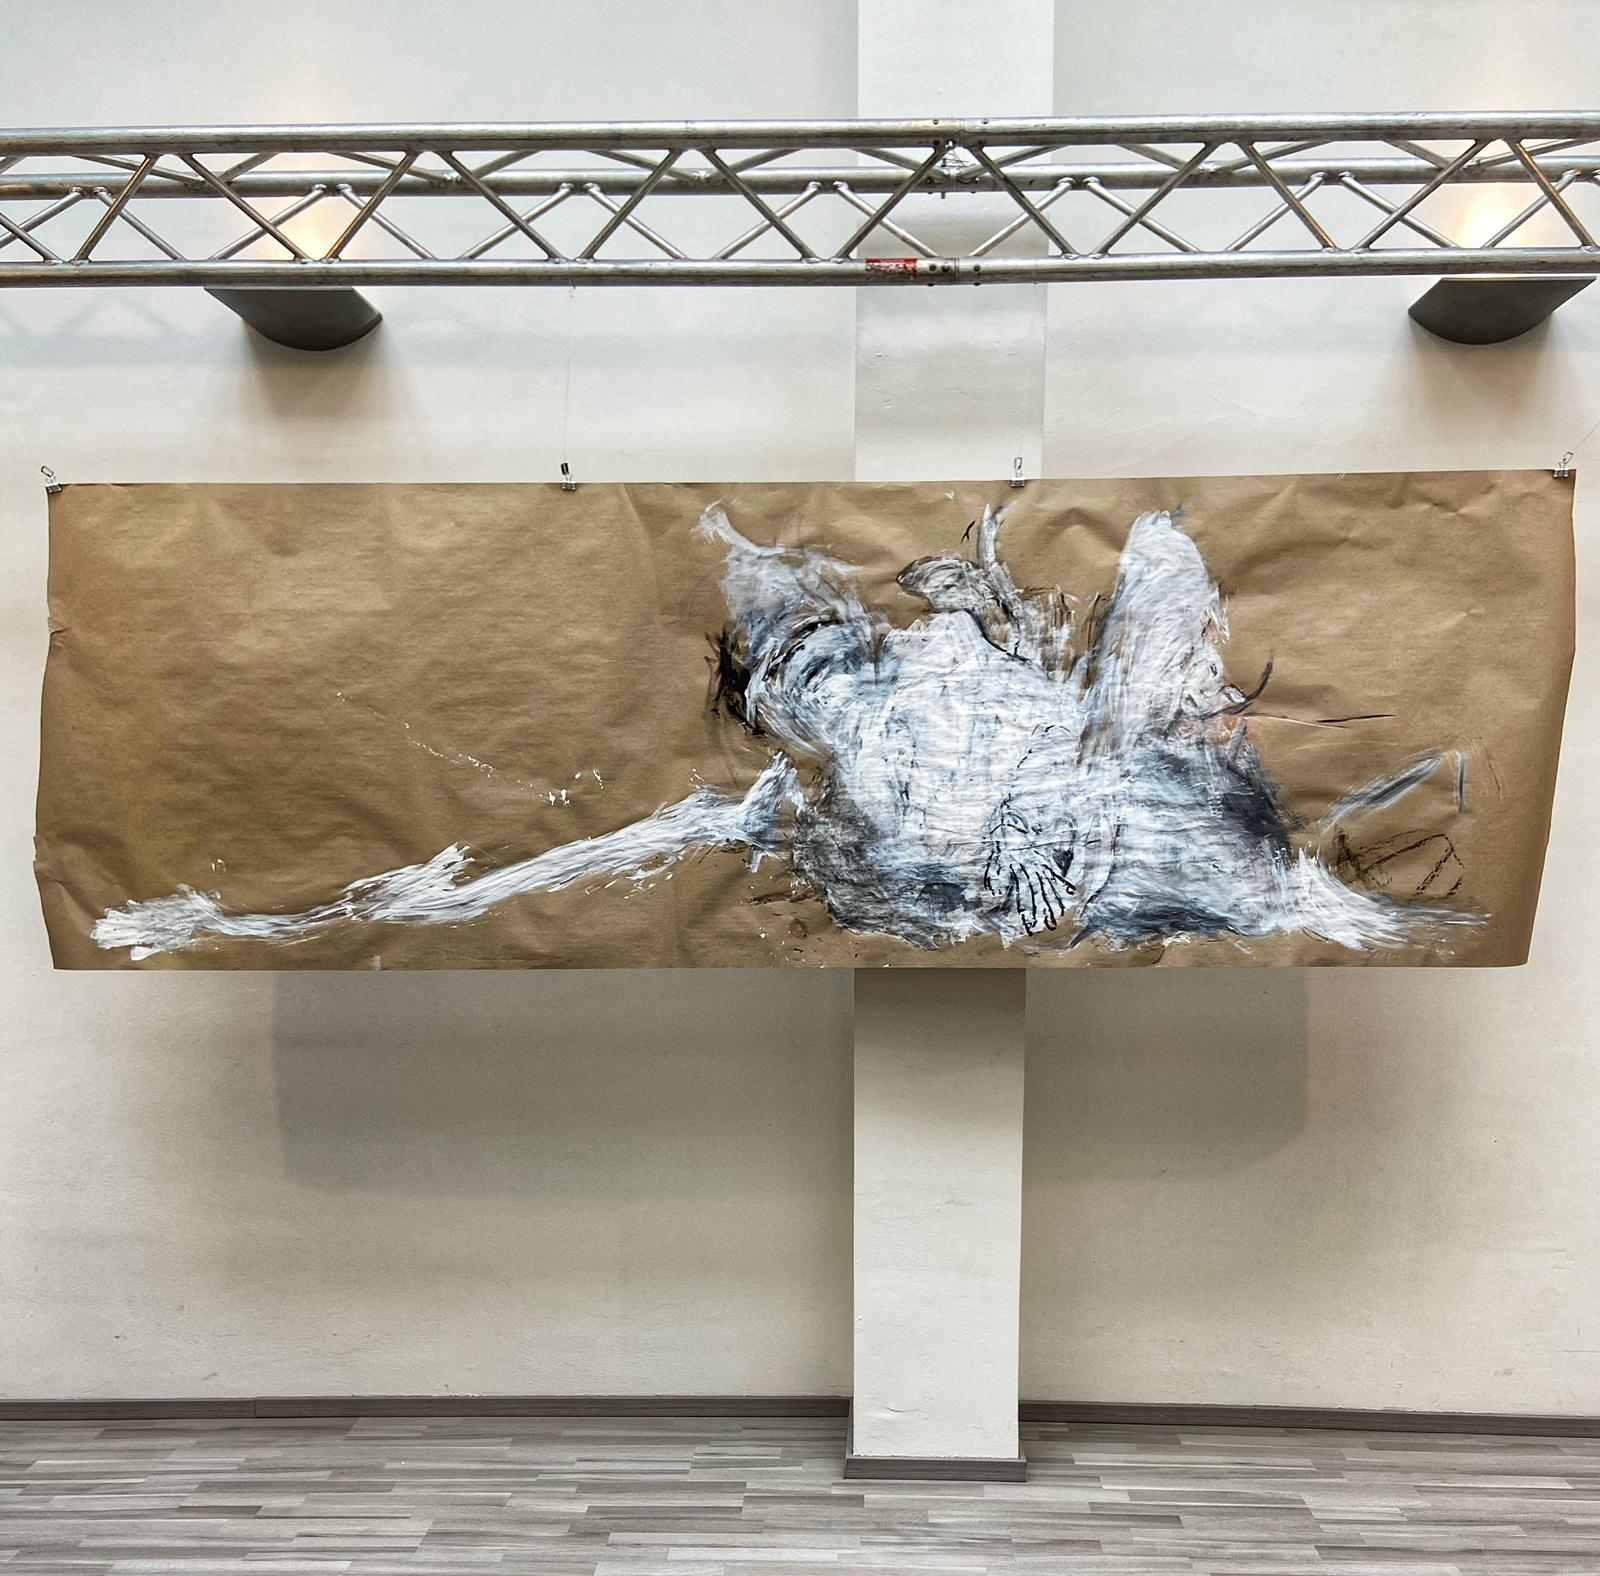 Mensch Sein und Ethik | Reaktion auf Kunstwerke von susebee in der aktuellen Ausstellung ,,Mensch Sein''